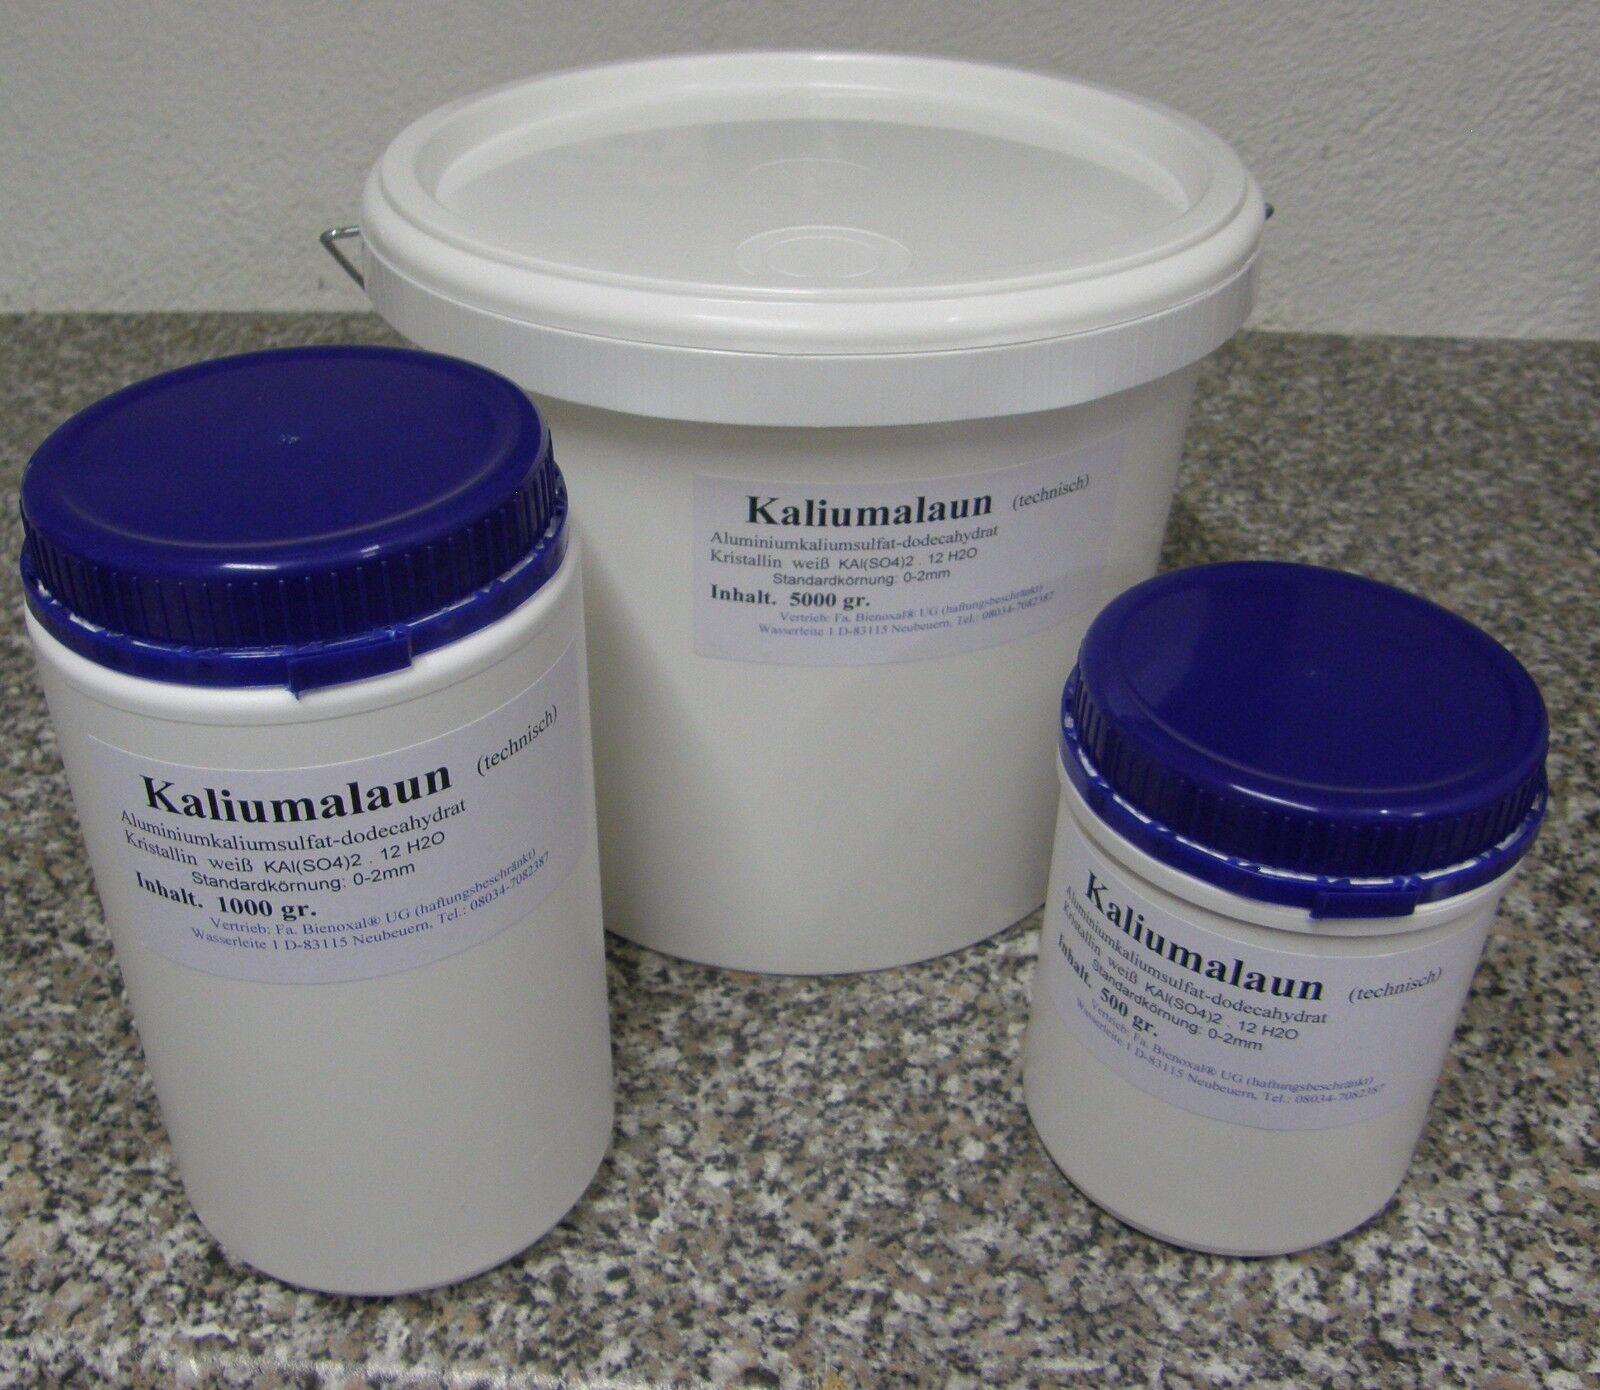 Kristalle Züchten Kalialaun Alaun Knete Hortensien neu 1 Kg. Kaliumaluminiumsul